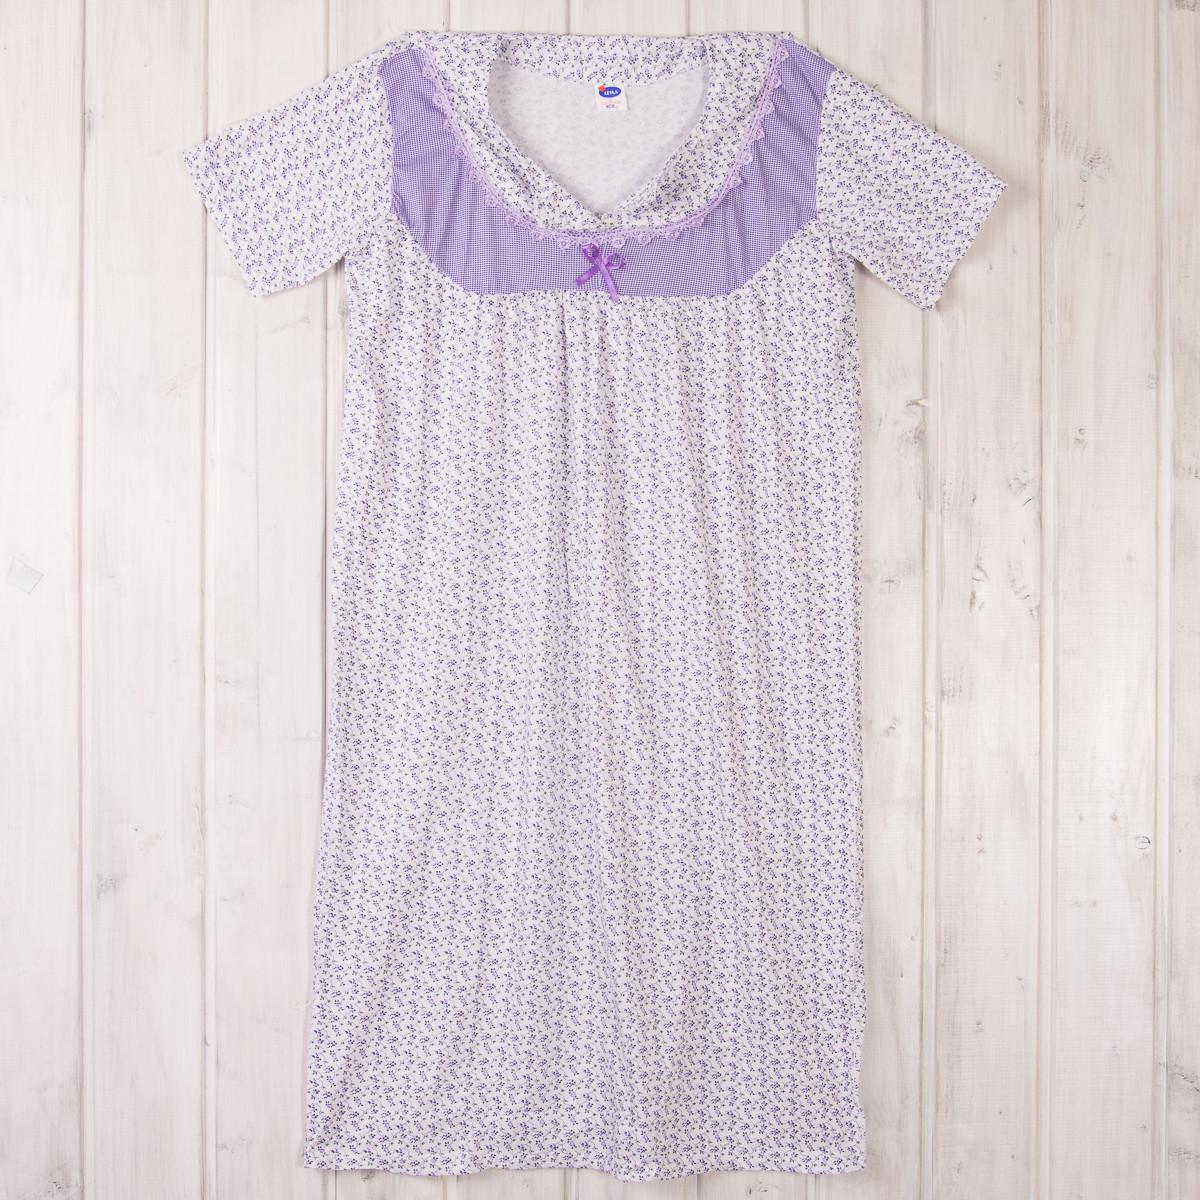 Ночная рубашка женская (размер: L) Leyla (Турция) SDK-001LJL-Lilac